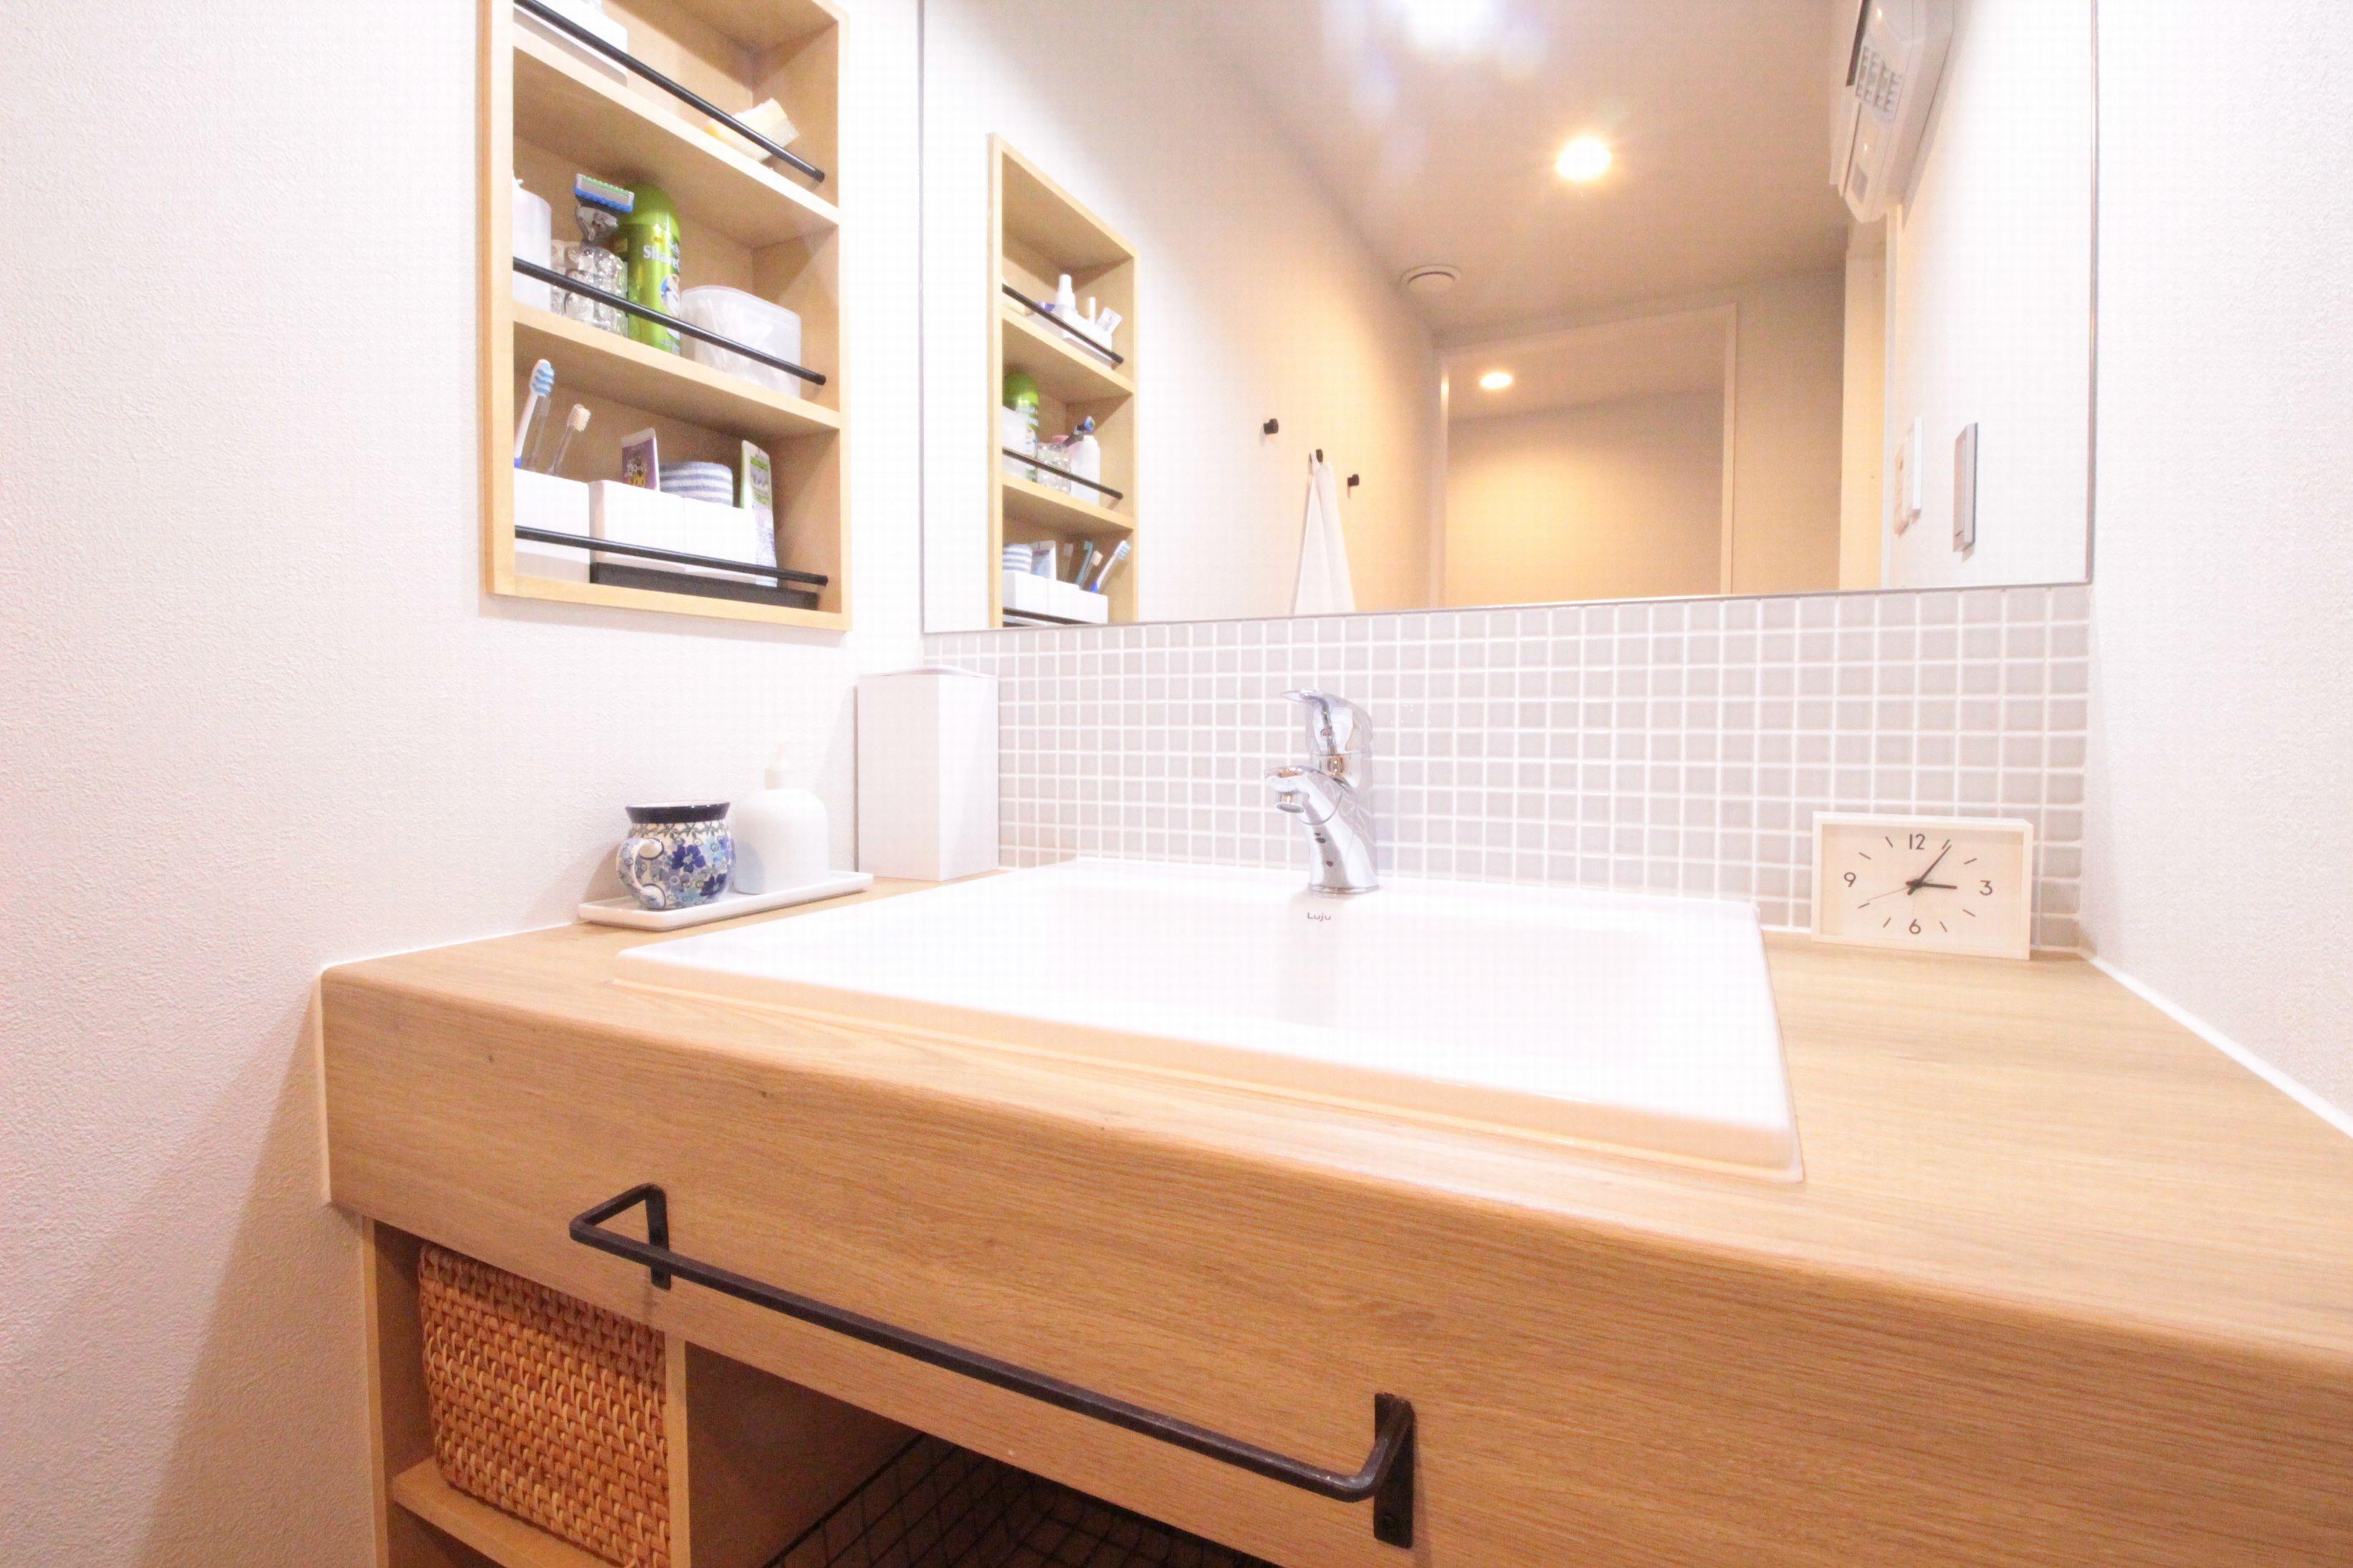 バス/トイレ事例:ニュアンスグレーのタイルが素敵な造作洗面台(回遊性で家事ラク!開放感で子どもが喜ぶ間取りに!)